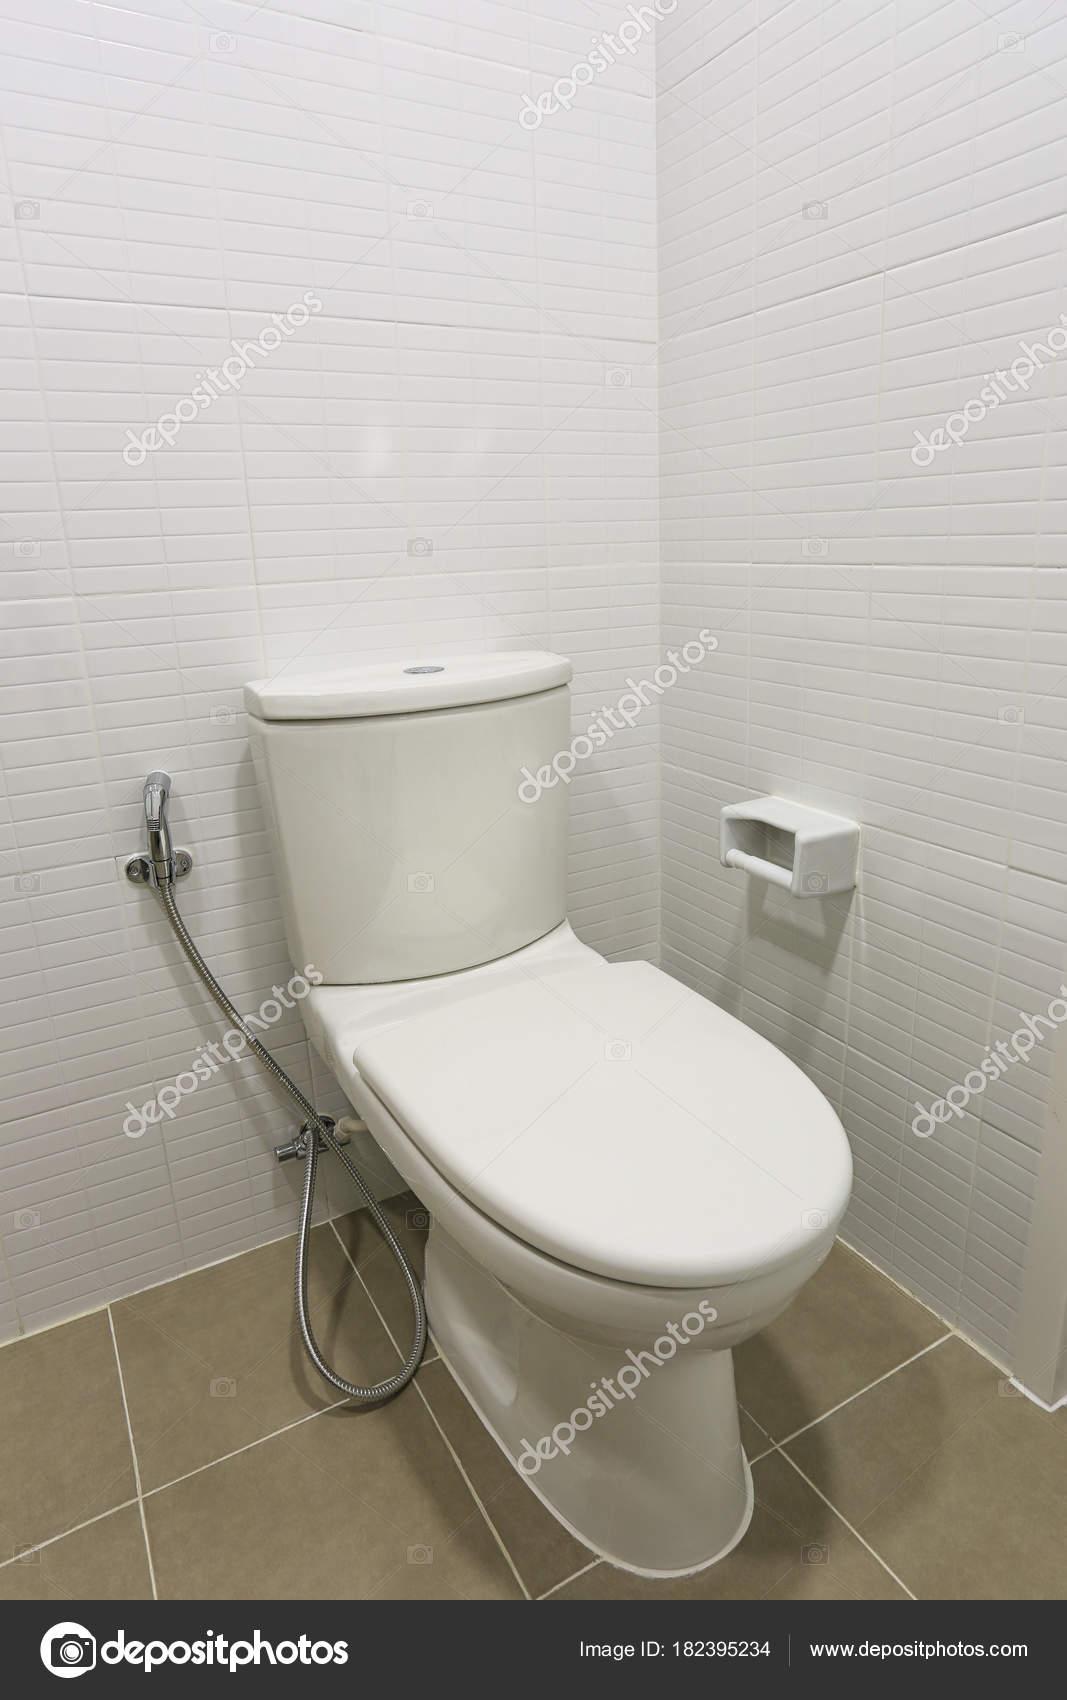 Moderne WC-Schüssel in einer Männer-Bad. — Stockfoto ...